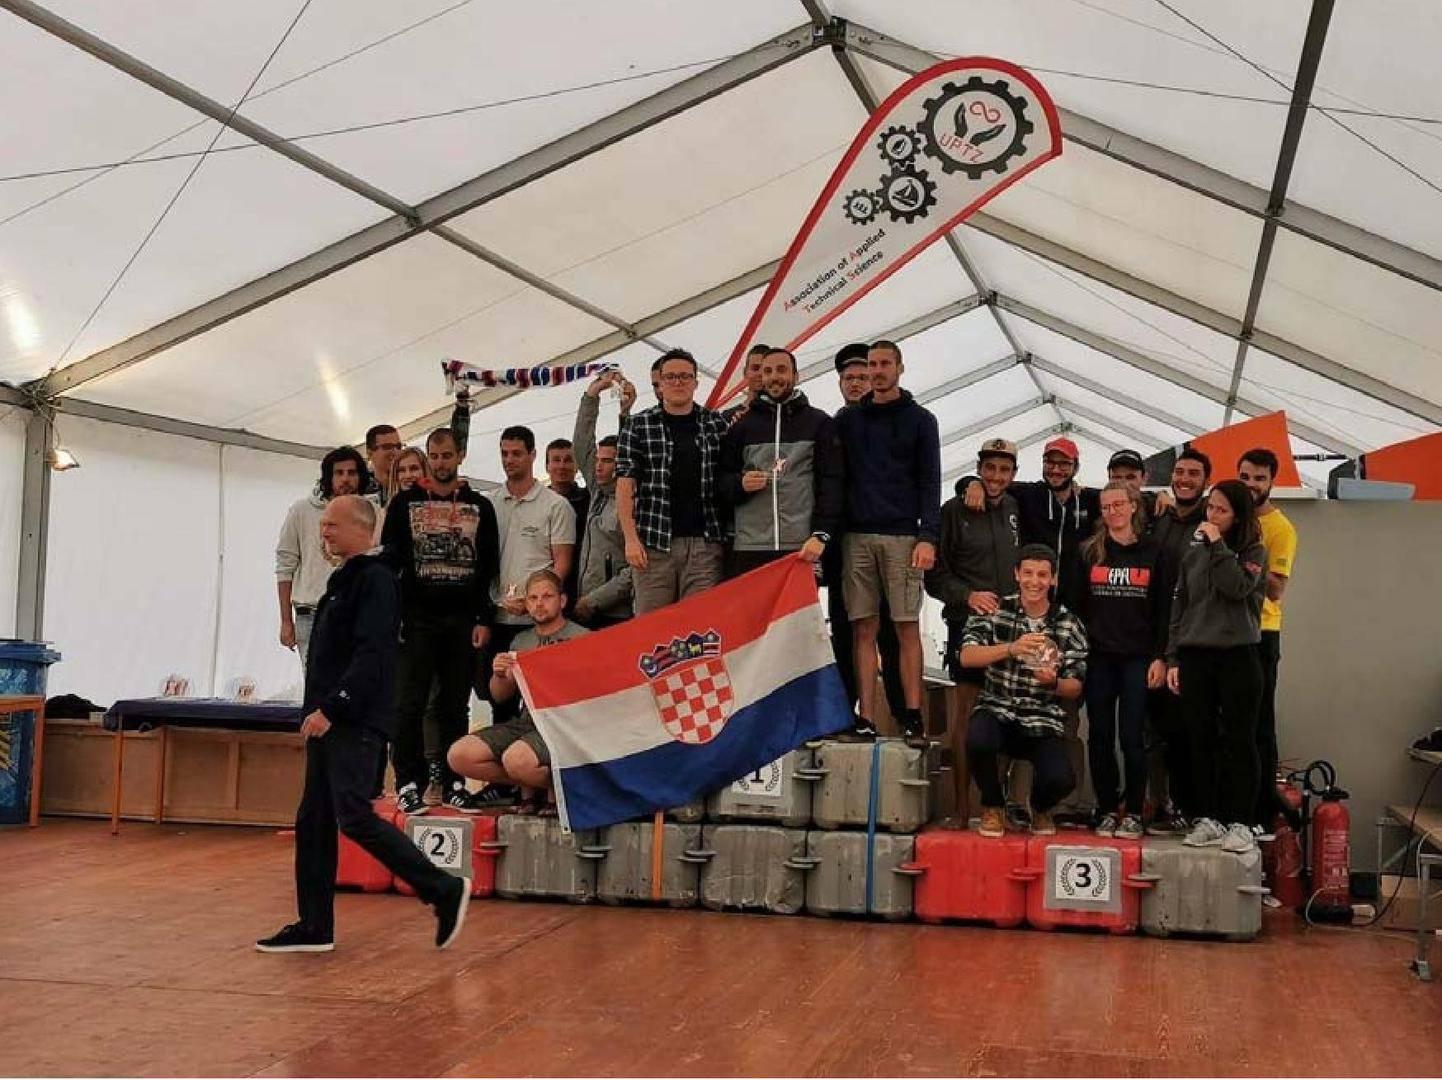 Studenti iz Rijeke električnim plovilom osvojili prvo mjesto